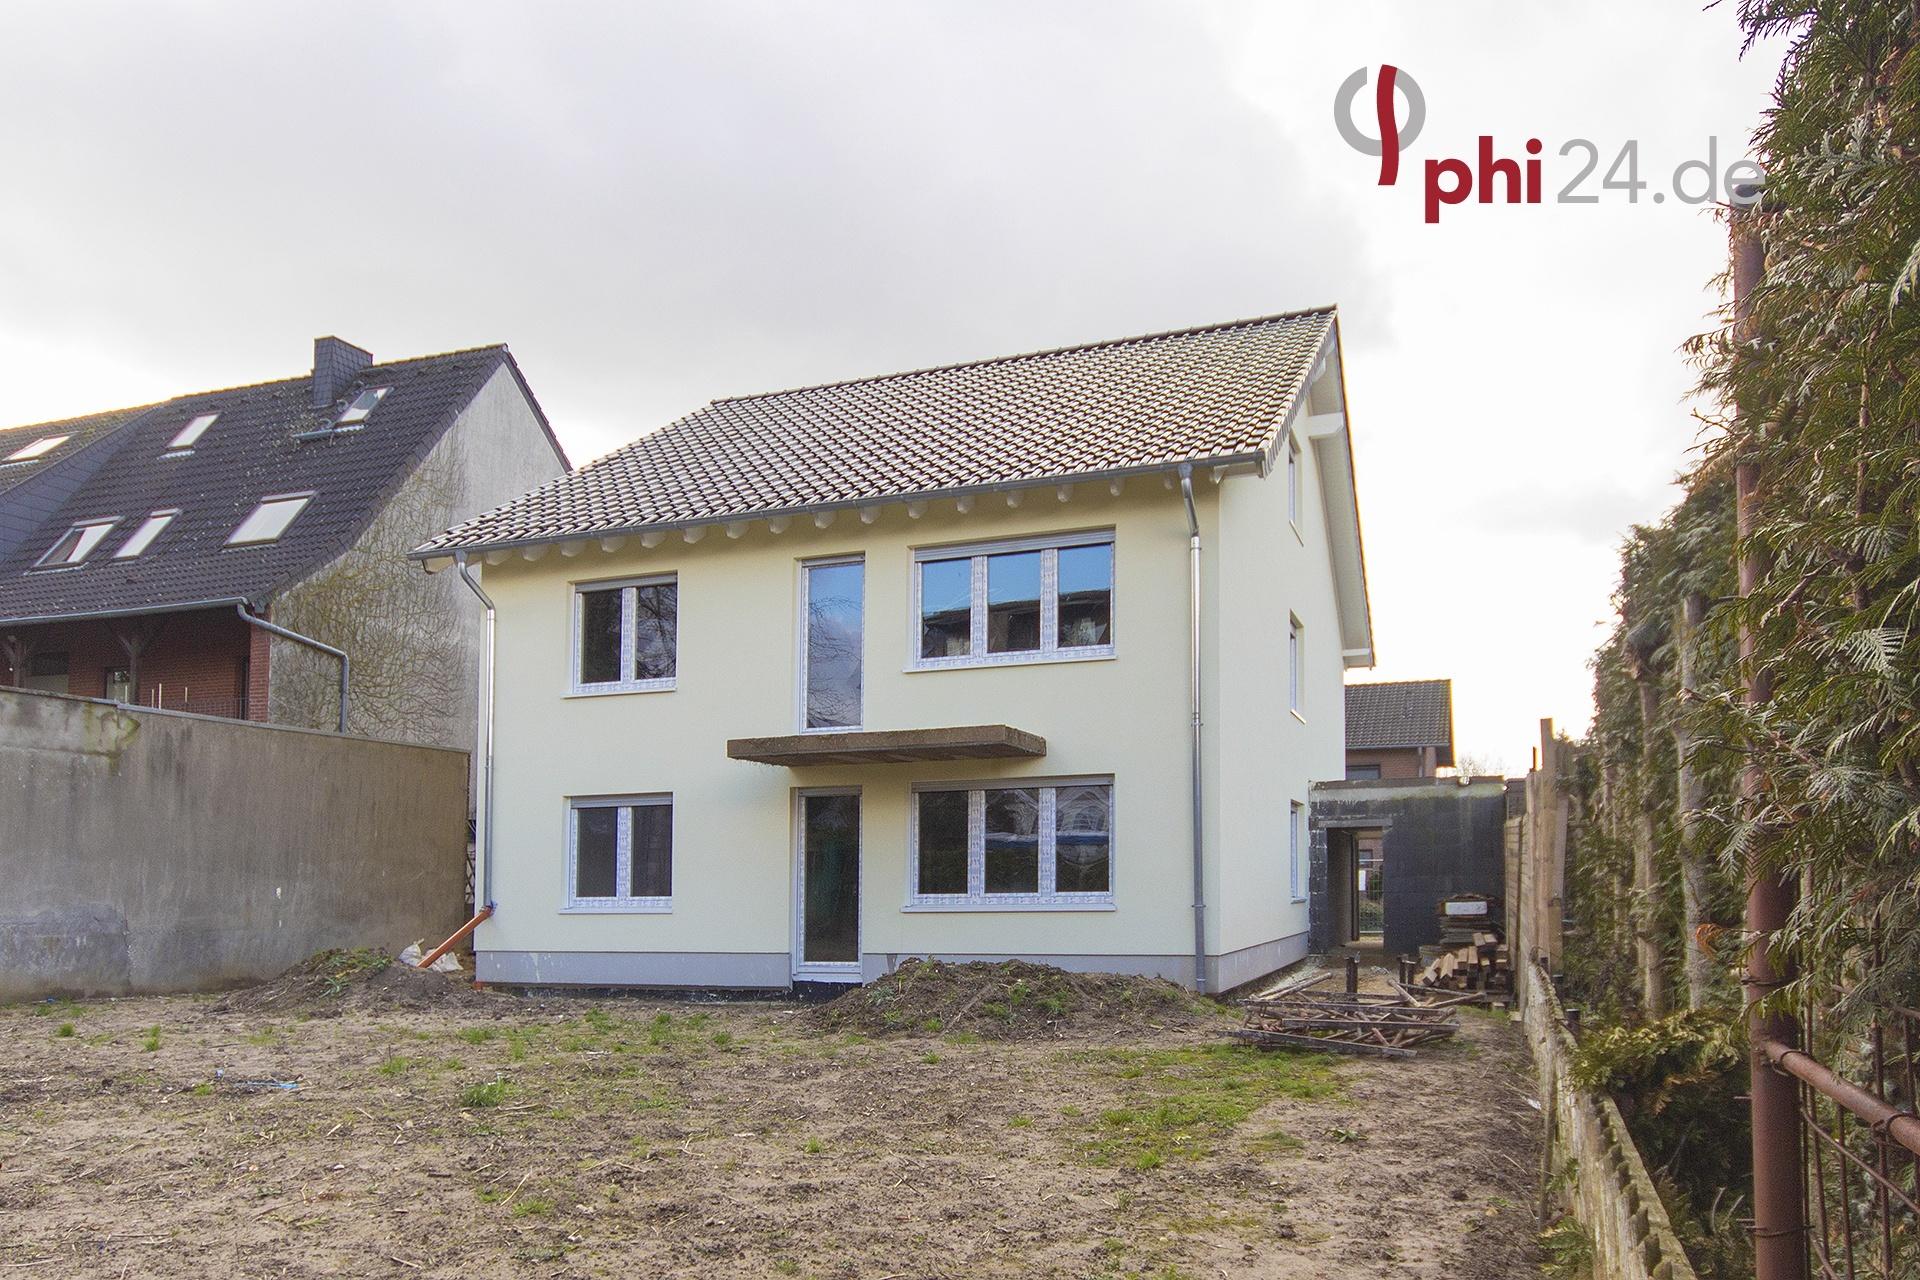 Immobilienmakler Alsdorf Zweifamilienhaus referenzen mit Immobilienbewertung